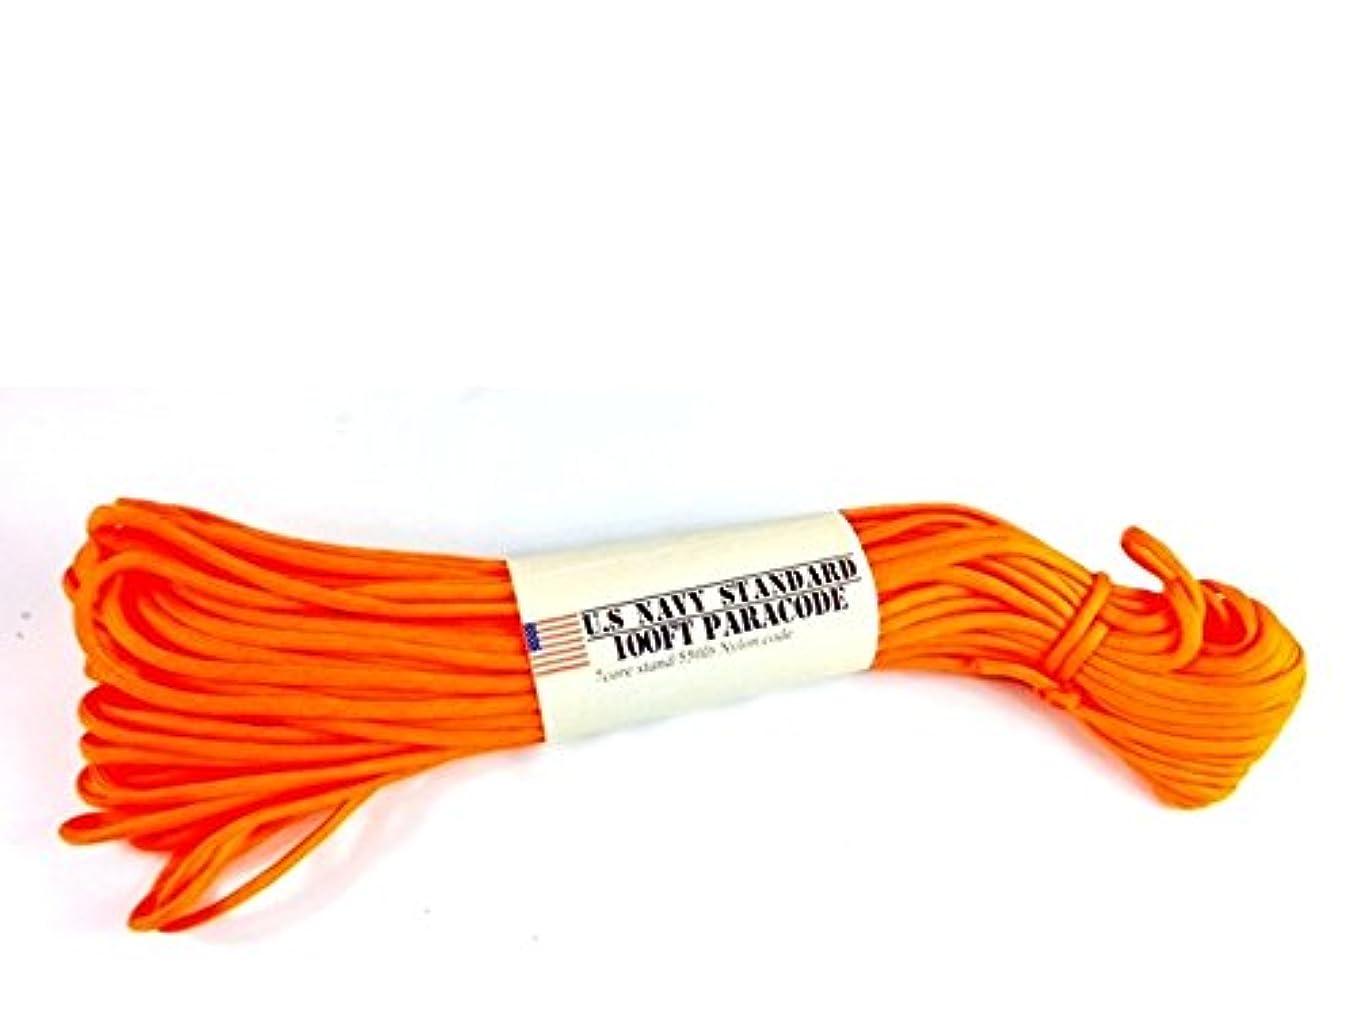 綺麗な有名人政治的アウトドア キャンプ サバイバルロープ 30m ホイッスル付 パラシュートコード 橙 US NAVY STANDARD